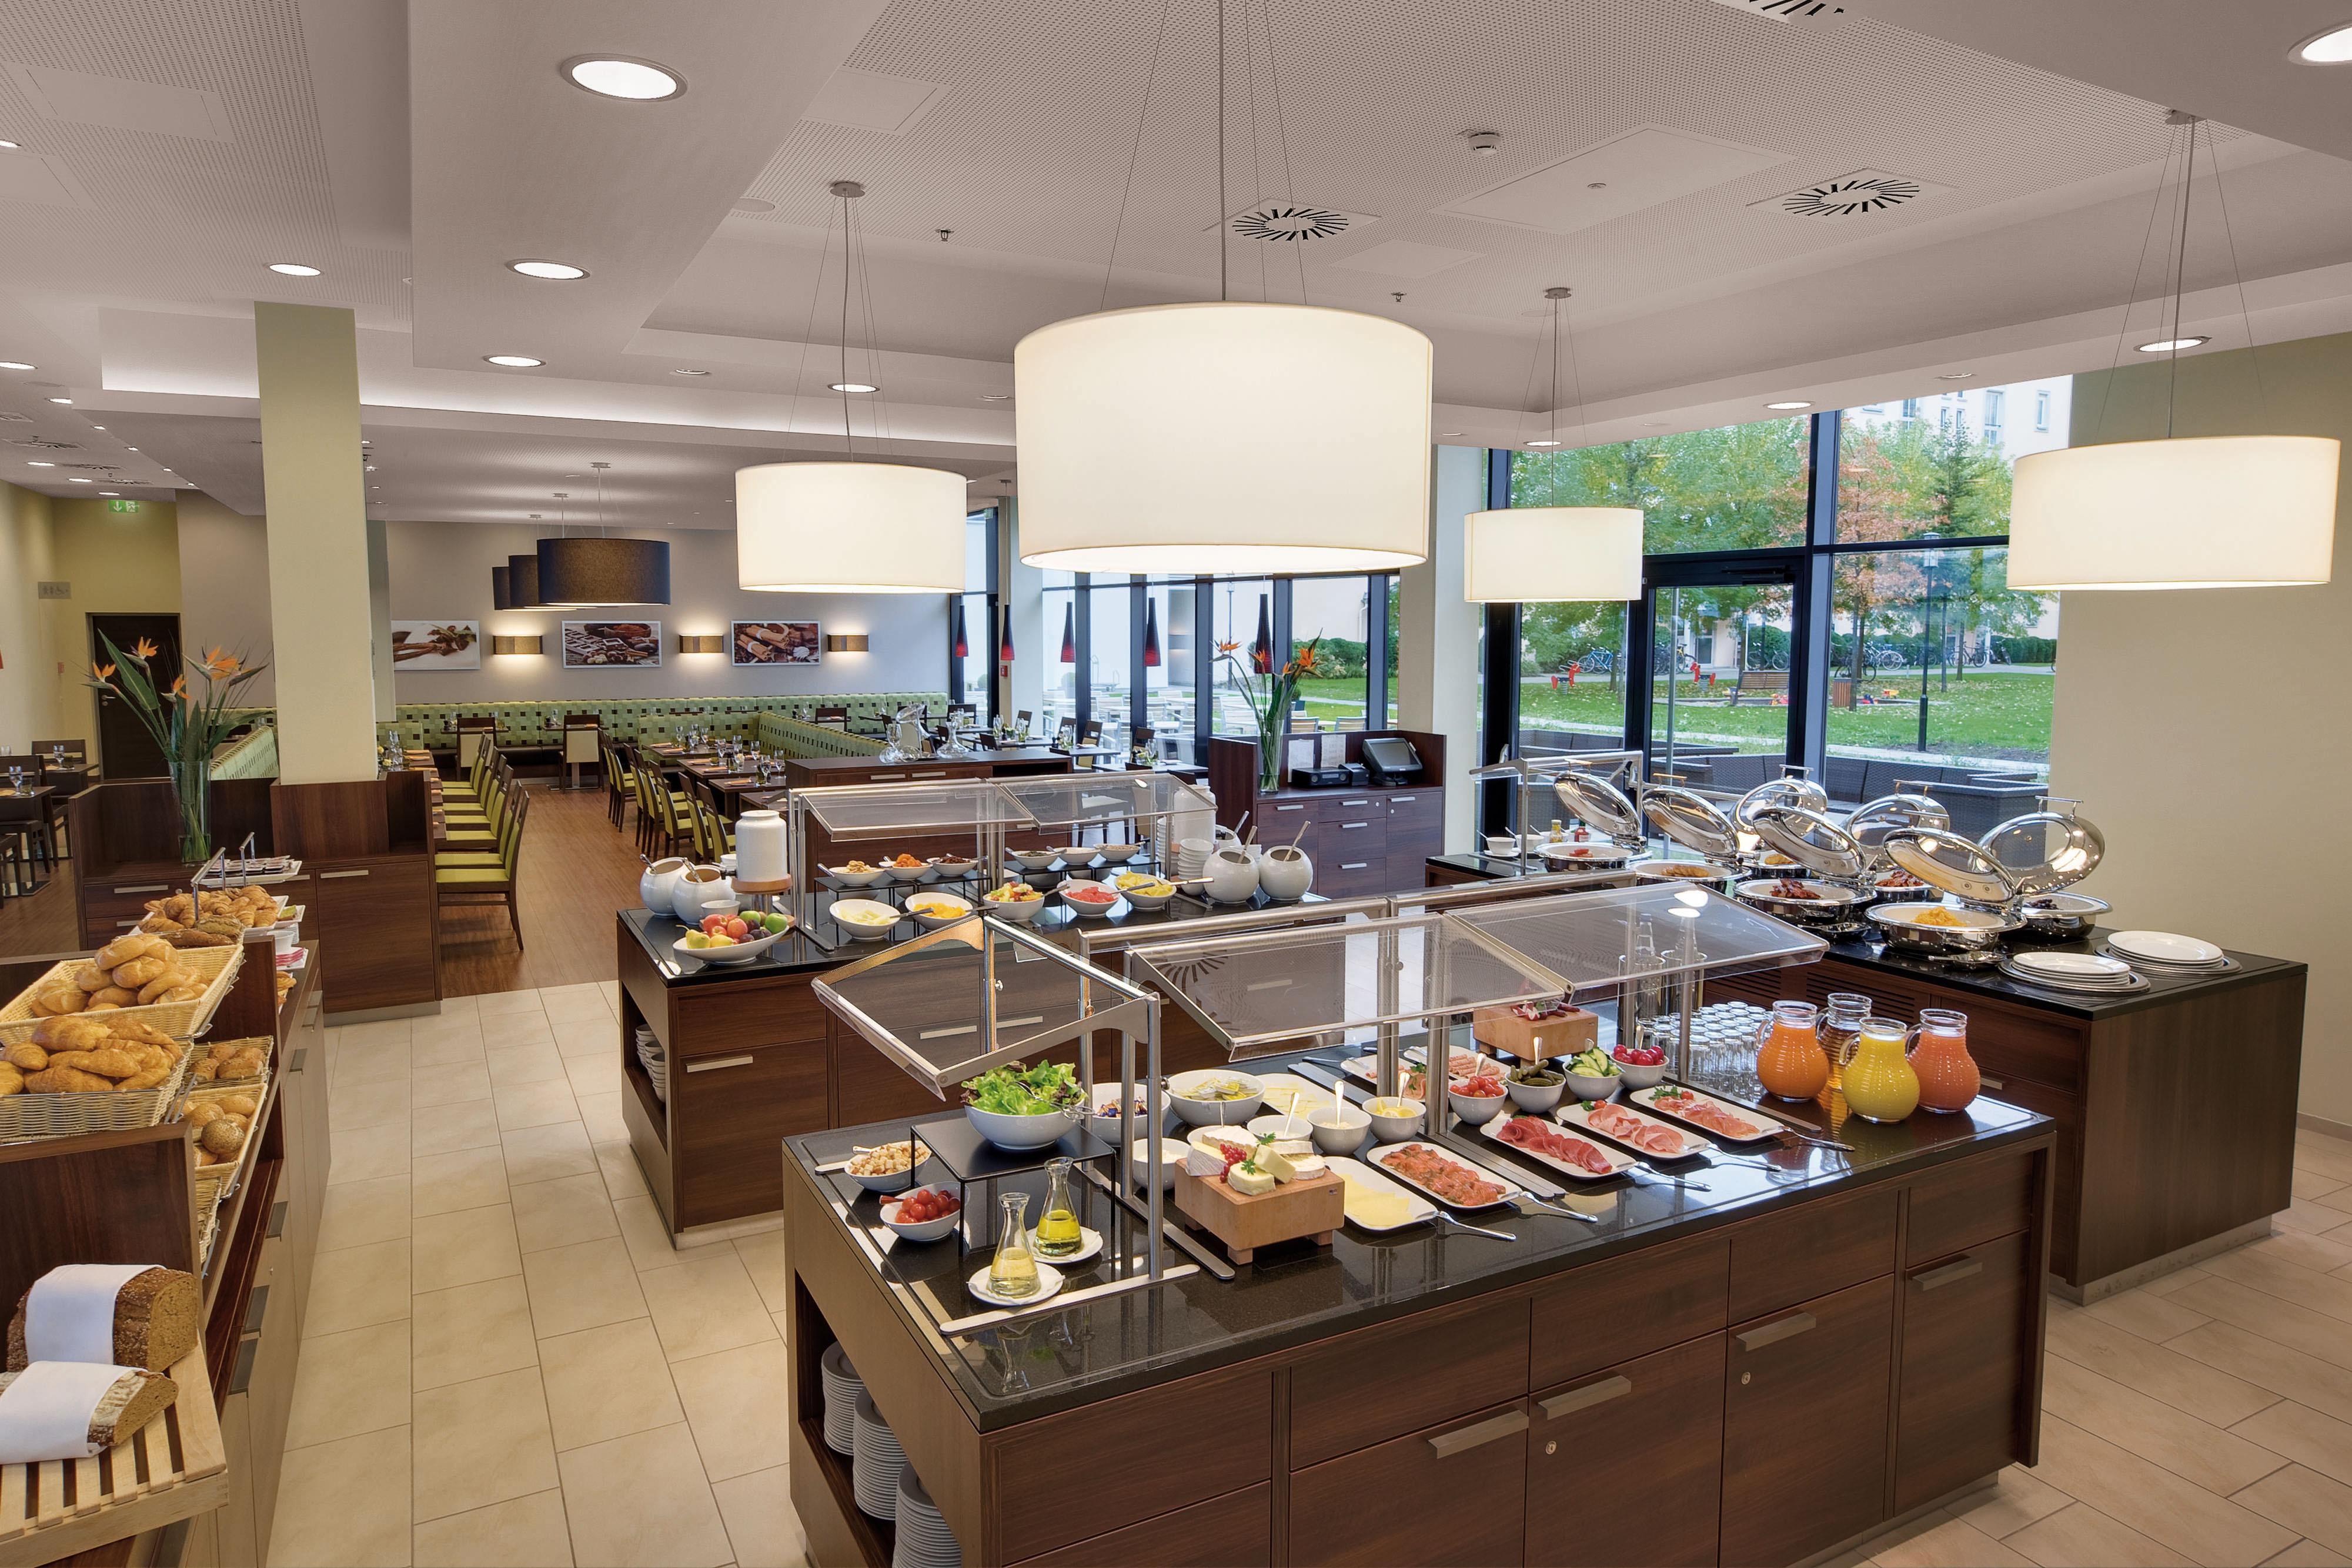 Petit déjeuner à l'hôtel Courtyard by Marriott de Munich